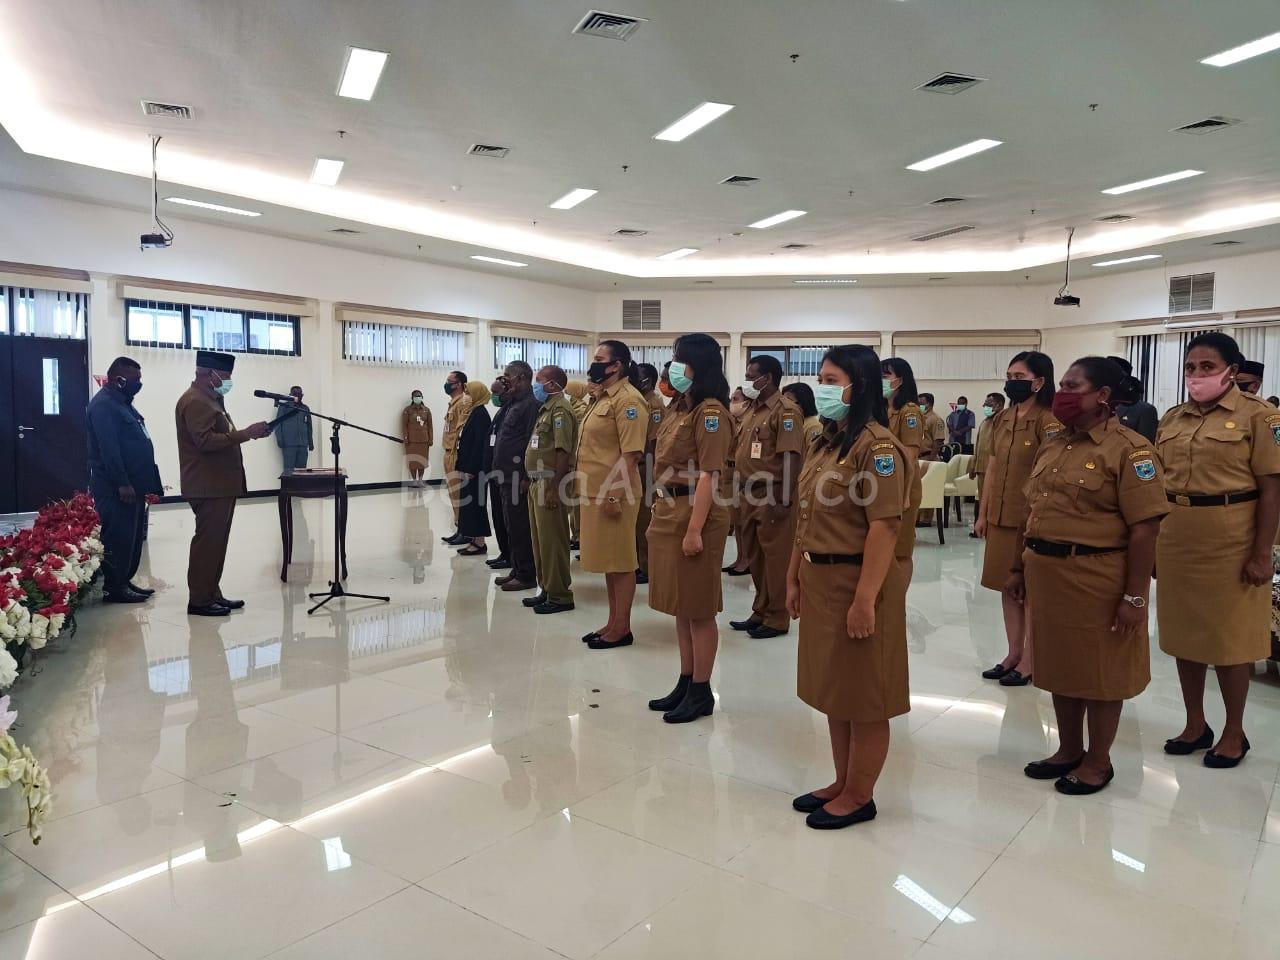 Pelantikan 45 Pejabat Dari 7 OPD Papua Barat Gunakan Masker 3 IMG 20200504 WA0020